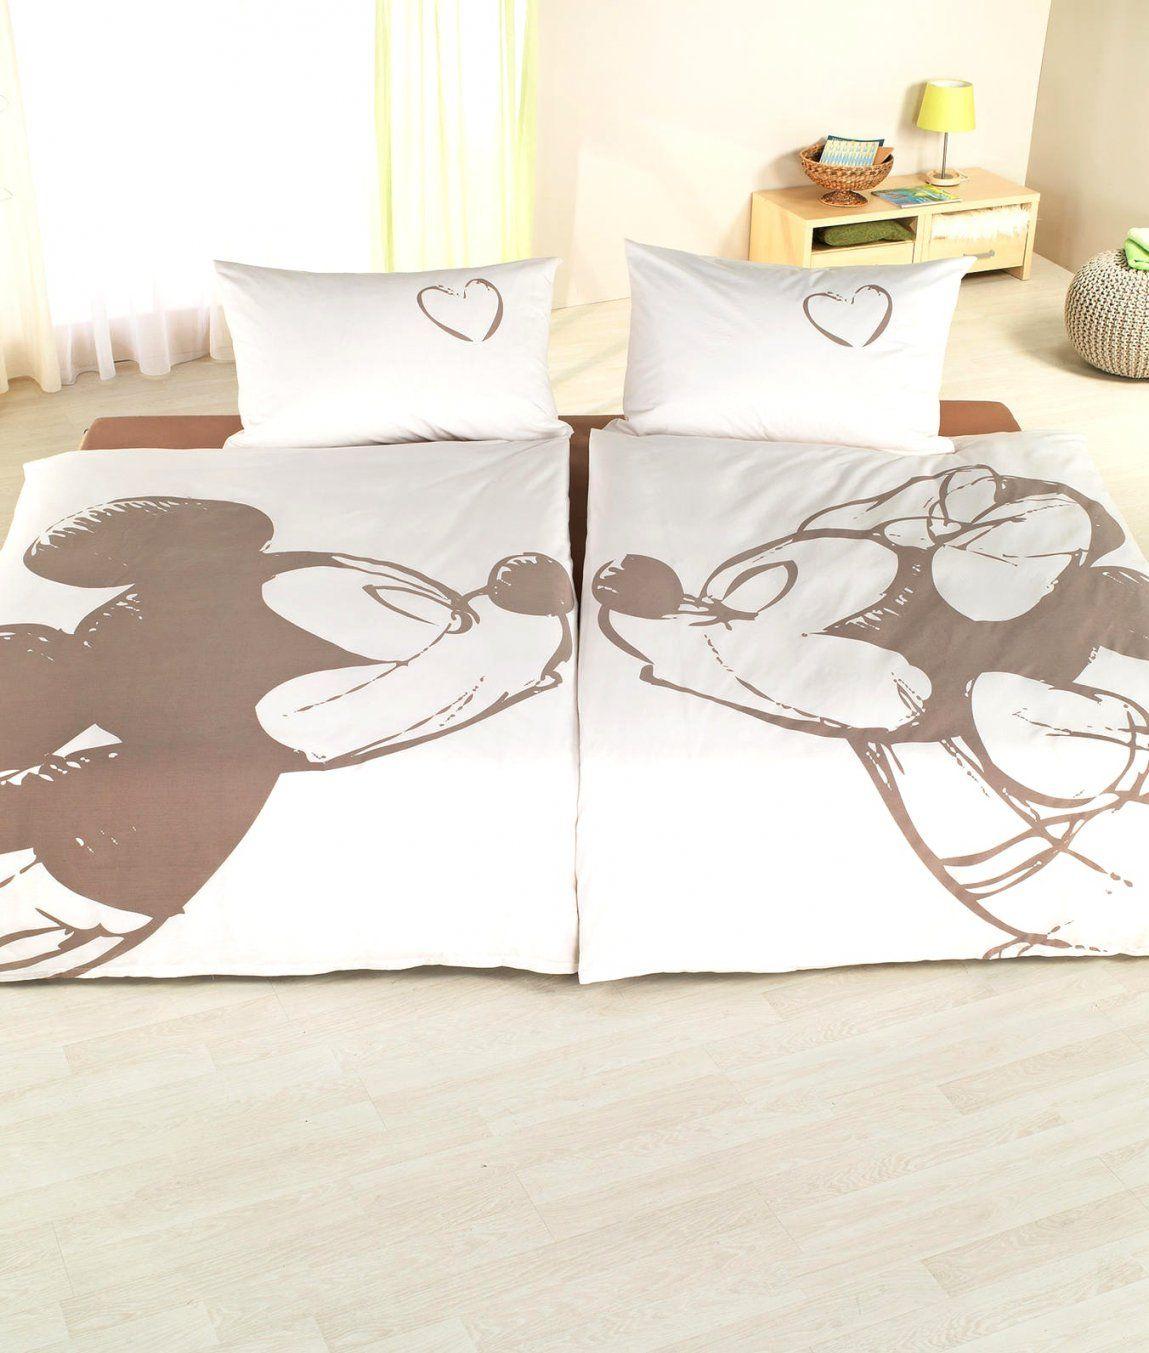 Charmante Ideen Partner Bettwäsche Und Fantastische Mickey Mouse Im von Partner Bettwäsche Günstig Bild